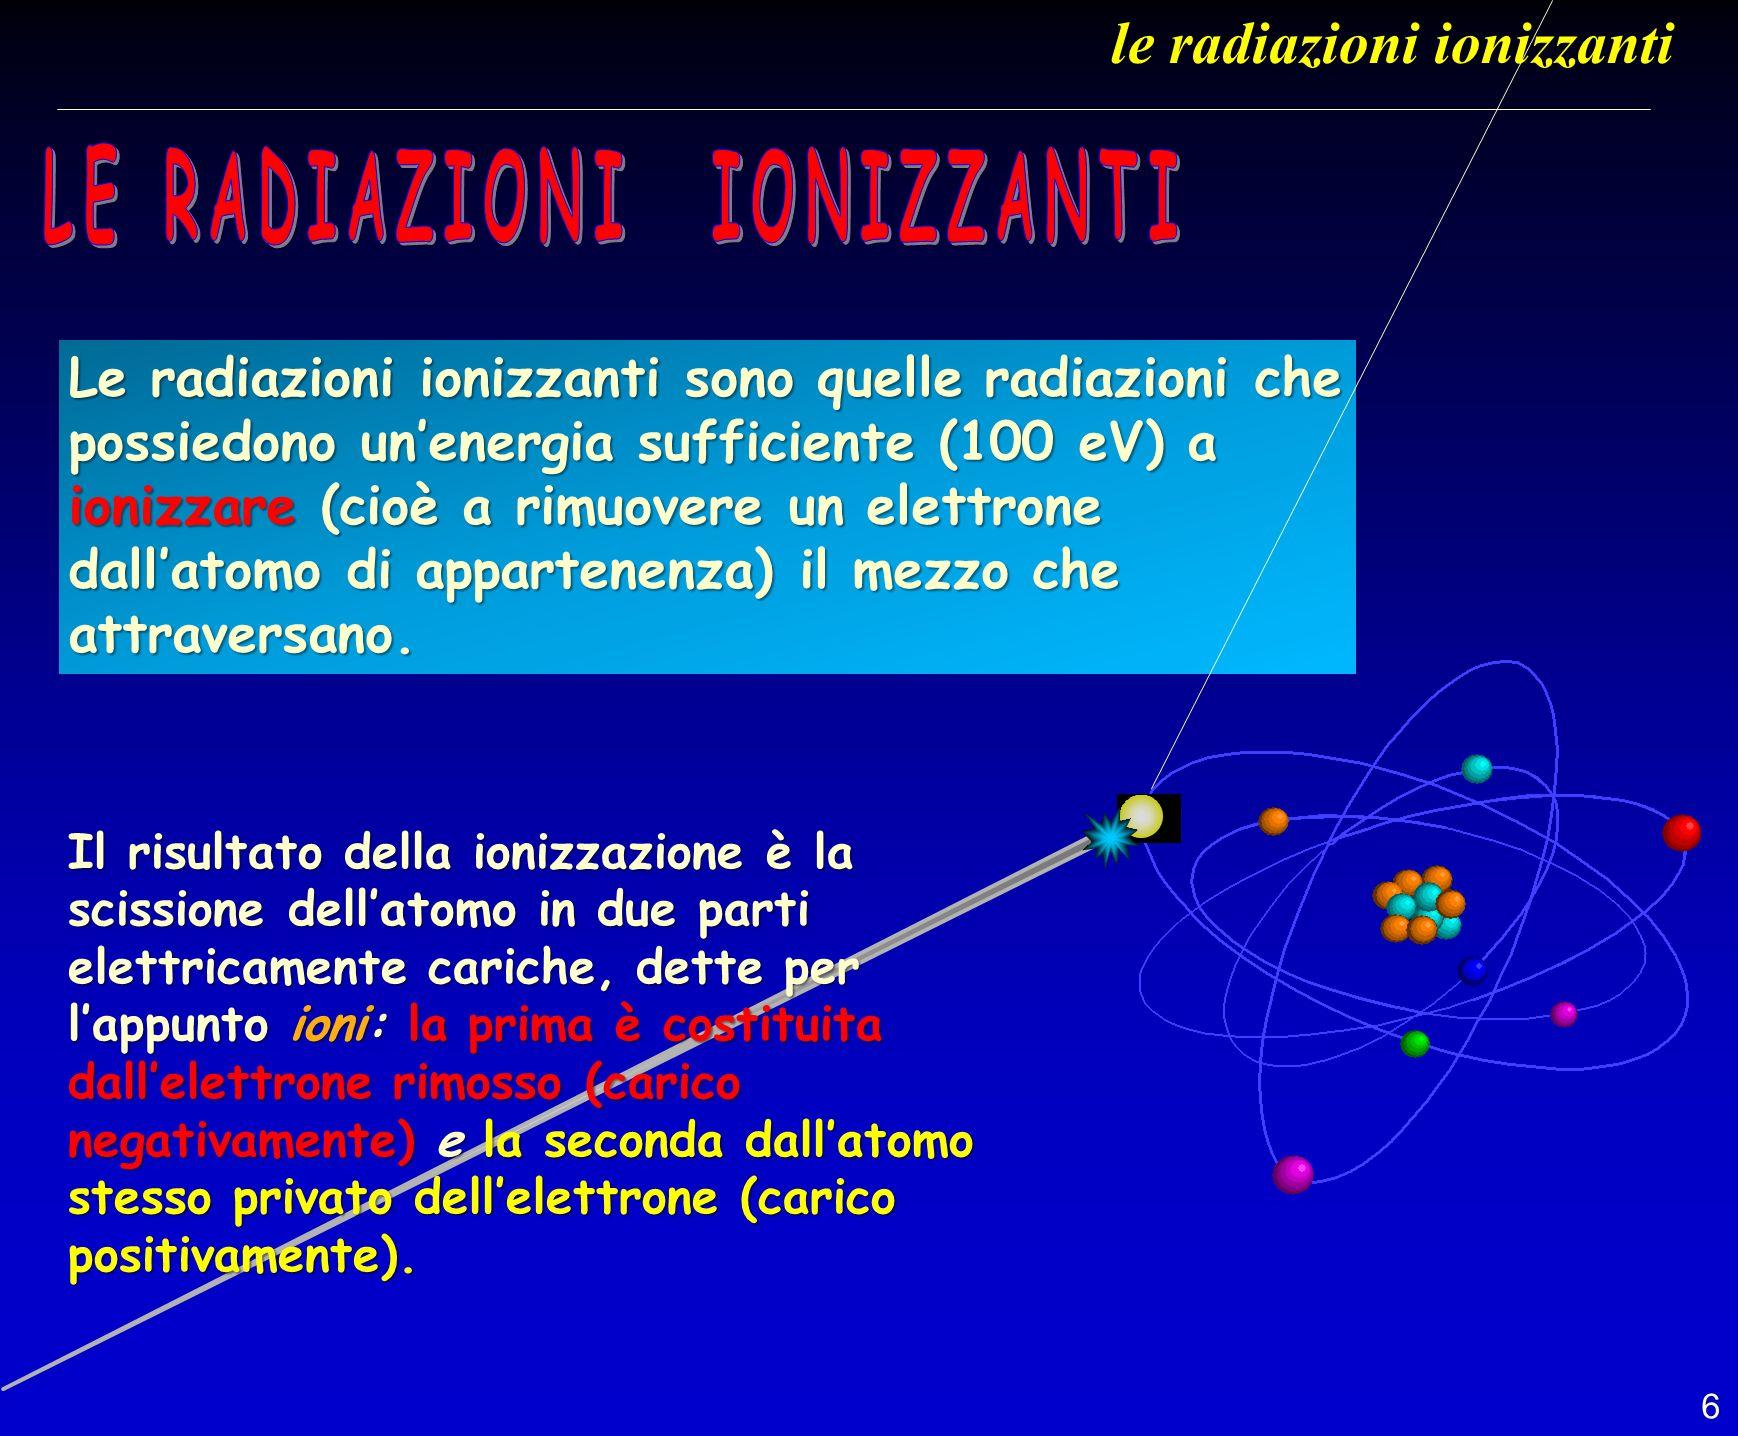 37 le interazioni con la materia ogni particella perde energia con gradualità, cedendola alle molecole incontrate sul percorso la interazione delle particelle cariche -ionizzazioni molecolari -eccitazioni molecolari -calore